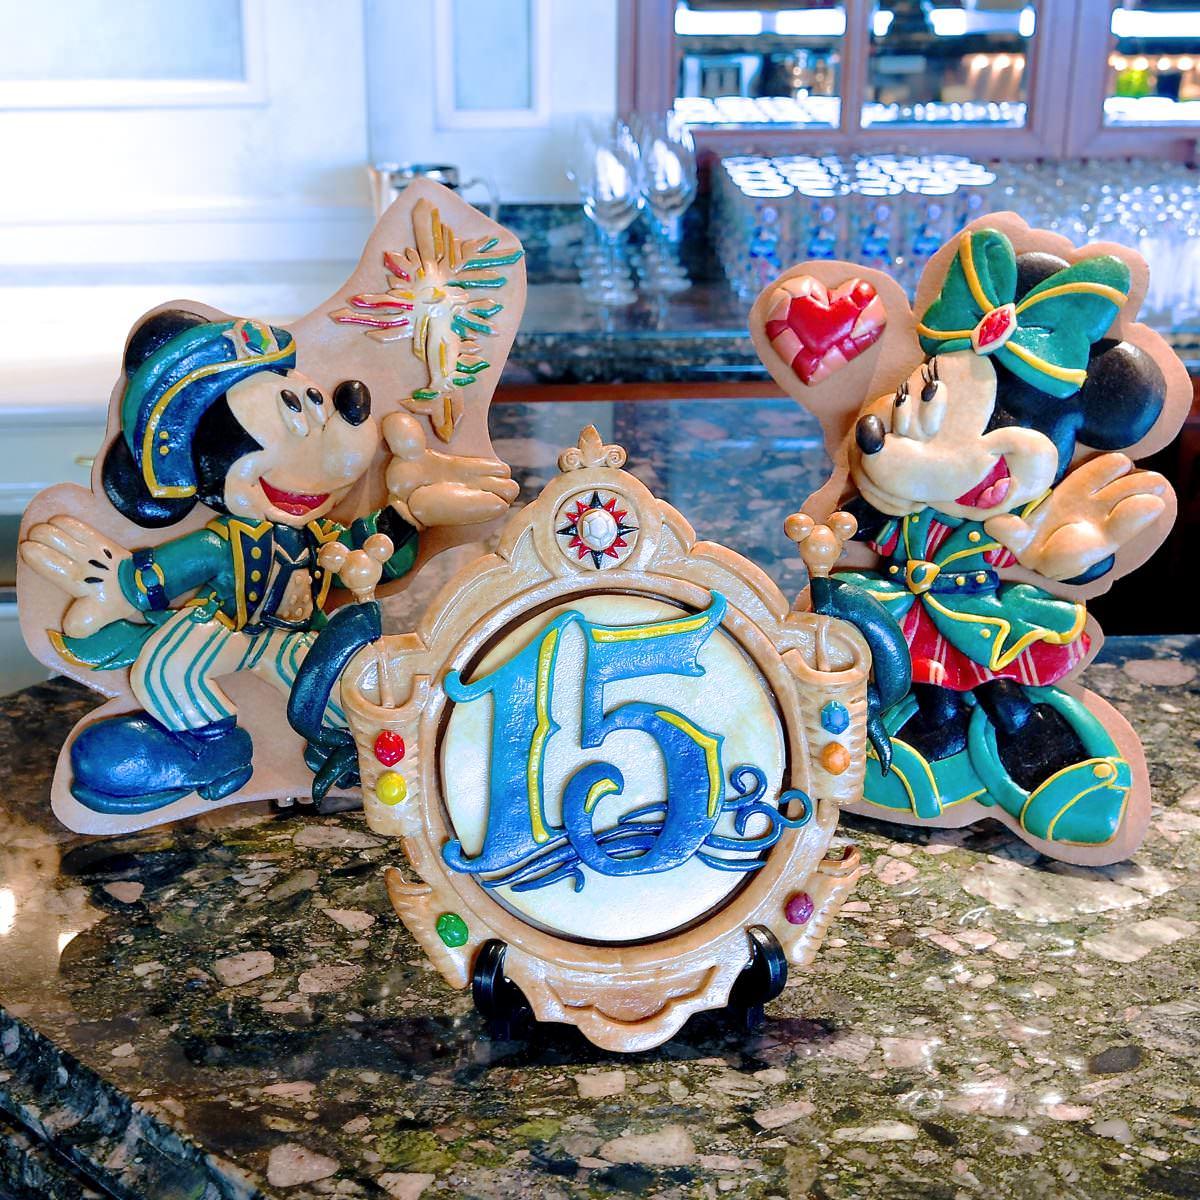 """ベッラヴィスタラウンジ""""東京ディズニーシー・ホテルミラコスタ 15th アニバーサリー"""" ランチコース前期"""